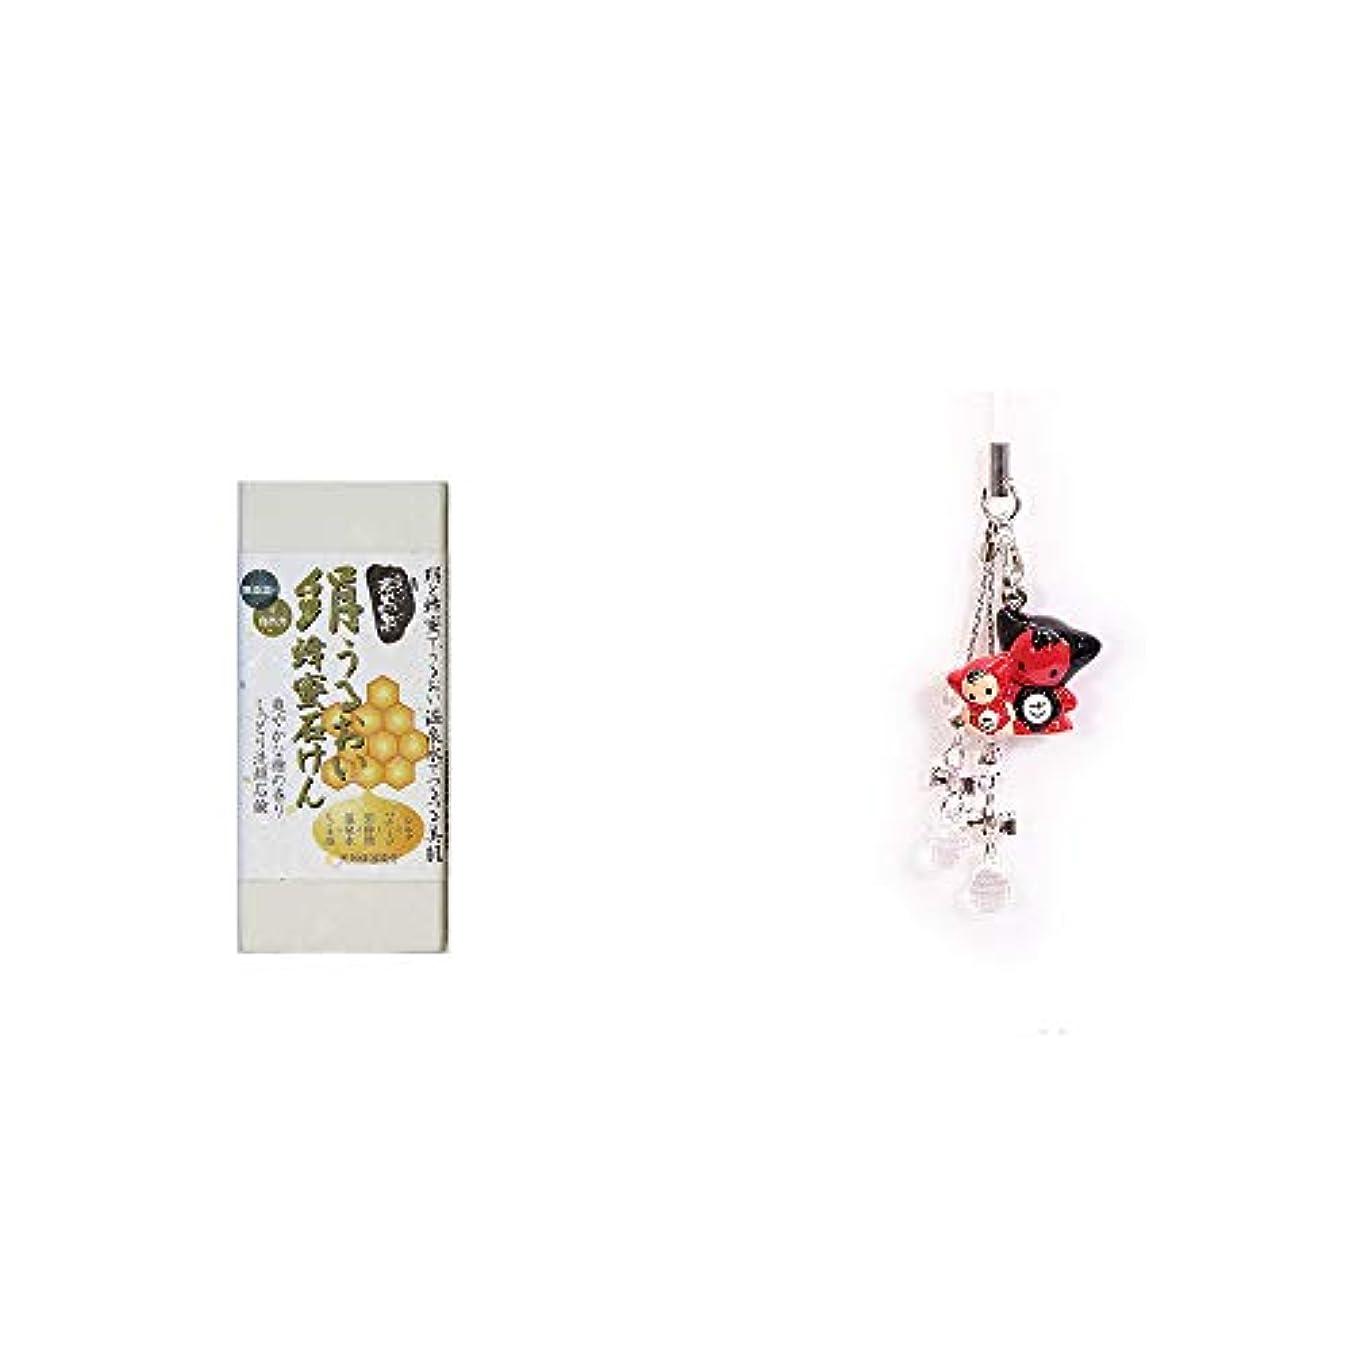 限り間違い発生器[2点セット] ひのき炭黒泉 絹うるおい蜂蜜石けん(75g×2)?さるぼぼペアビーズストラップ 【クリア】/縁結び?魔除け//